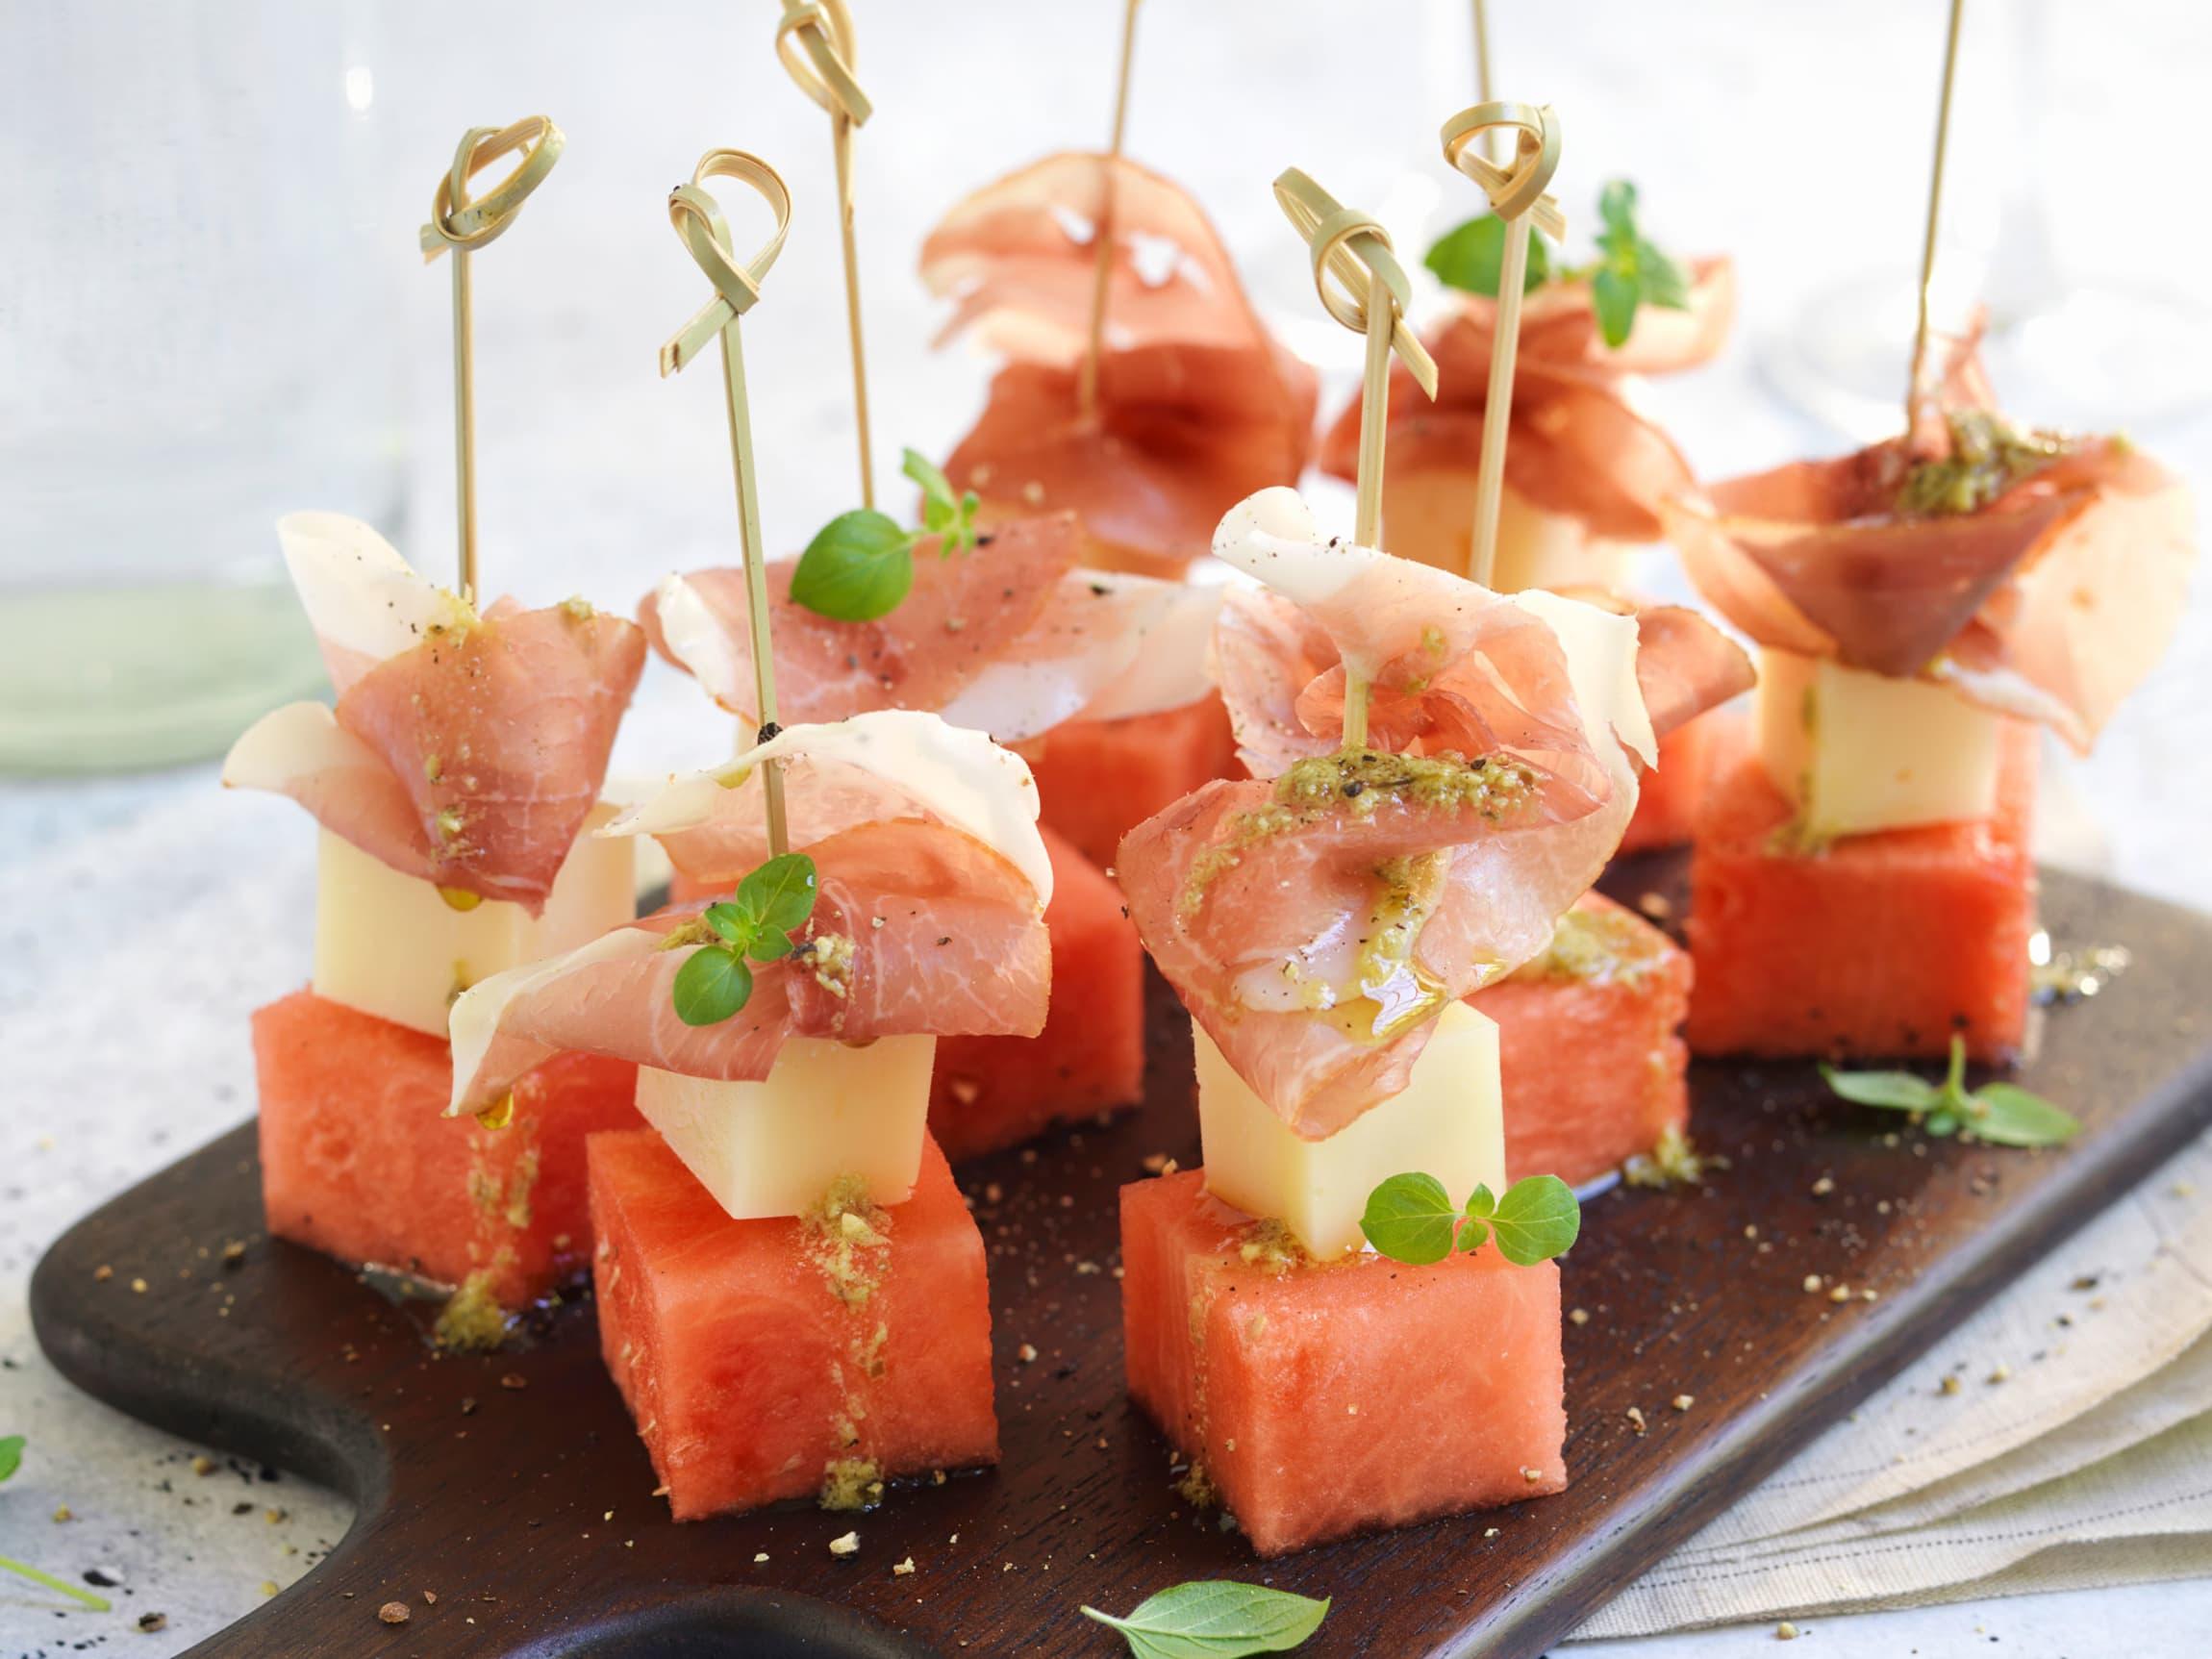 Manchego passer godt med melon og spekeskinke. Husk å temperere osten først for å få frem mer av de gode smakene!